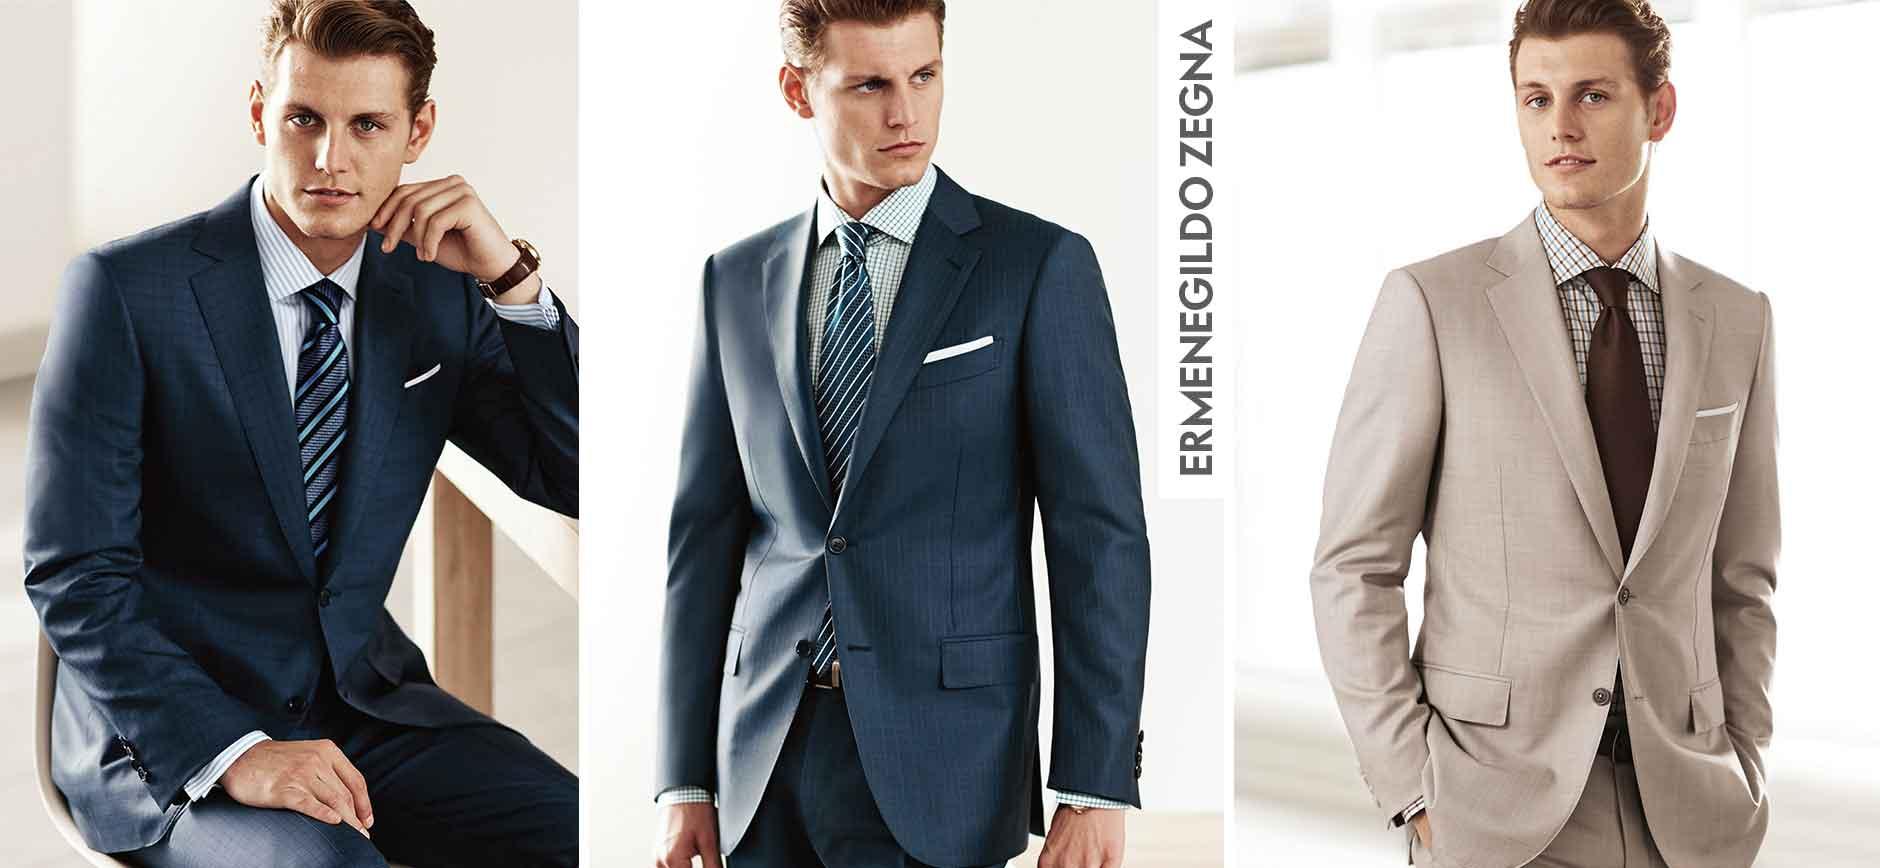 Mua áo vest nam giá bao nhiêu thì hợp lý?